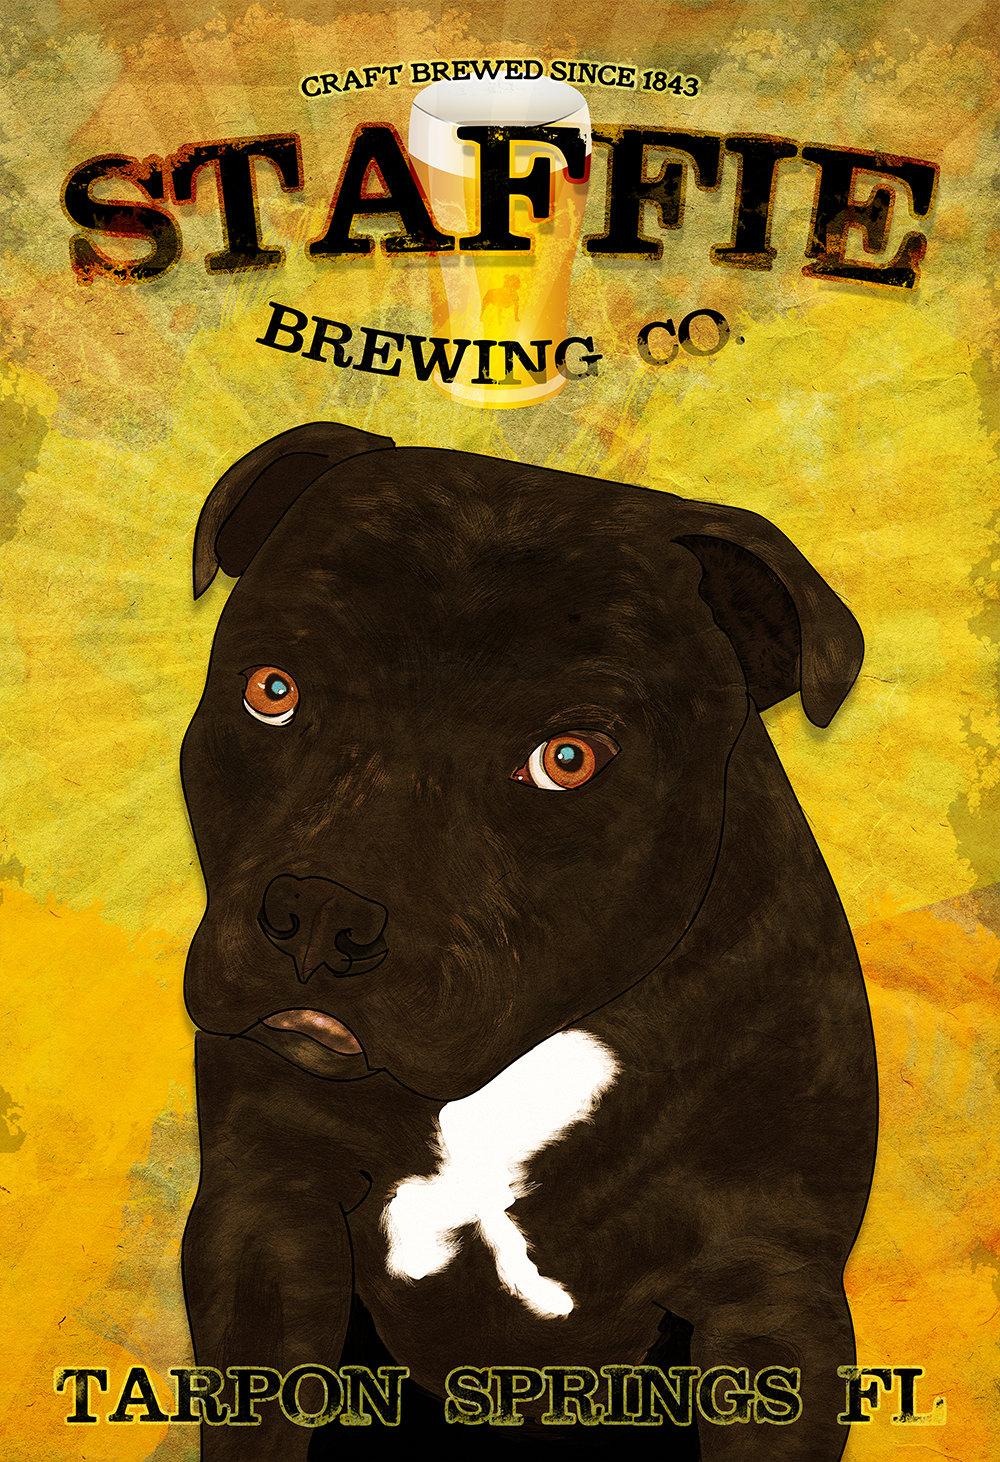 Staffie Brewing Co Original Illustration Vintage Style Dog ...